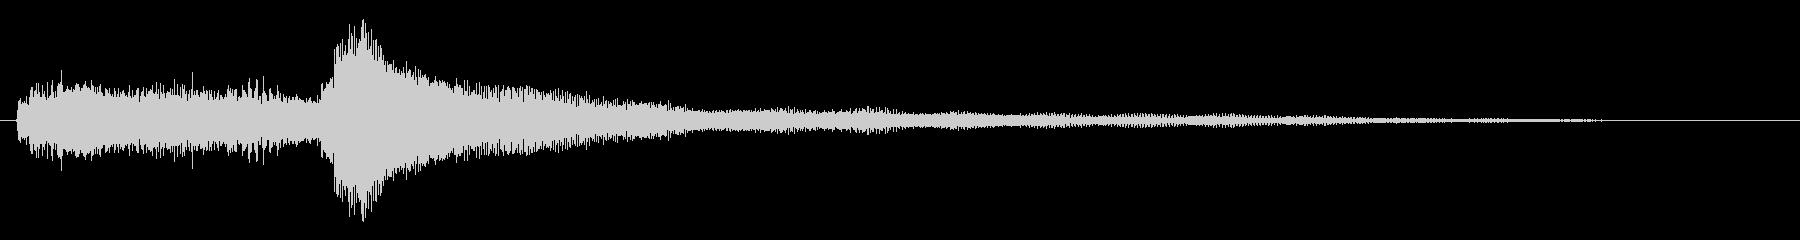 ギターによる穏やかなサウンドロゴの未再生の波形